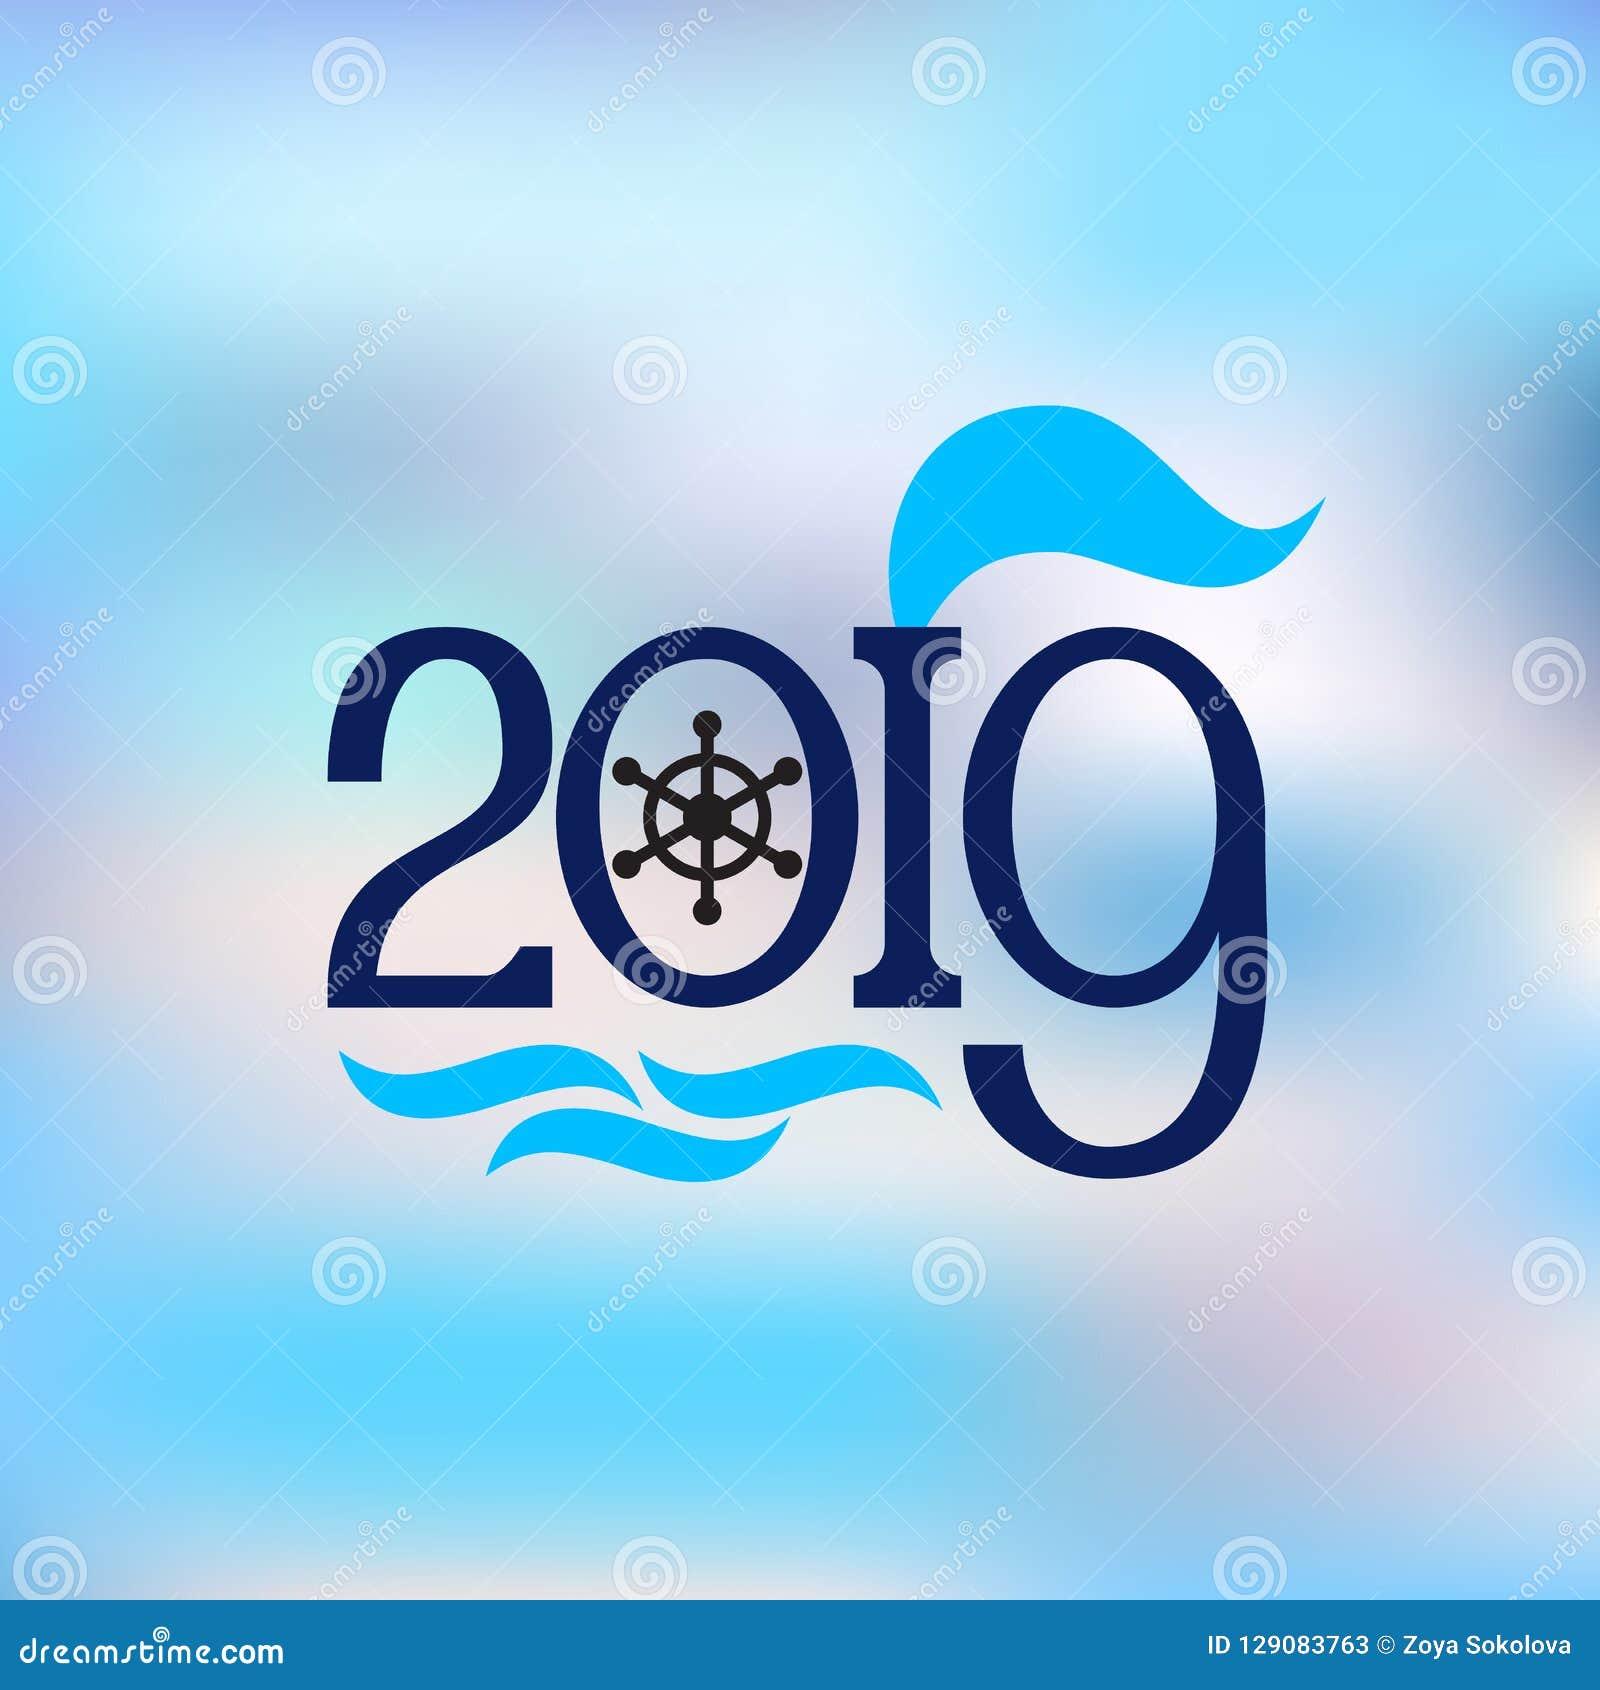 Szczęśliwego nowego roku 2019 abstrakcjonistycznego sztandaru nautyczny styl